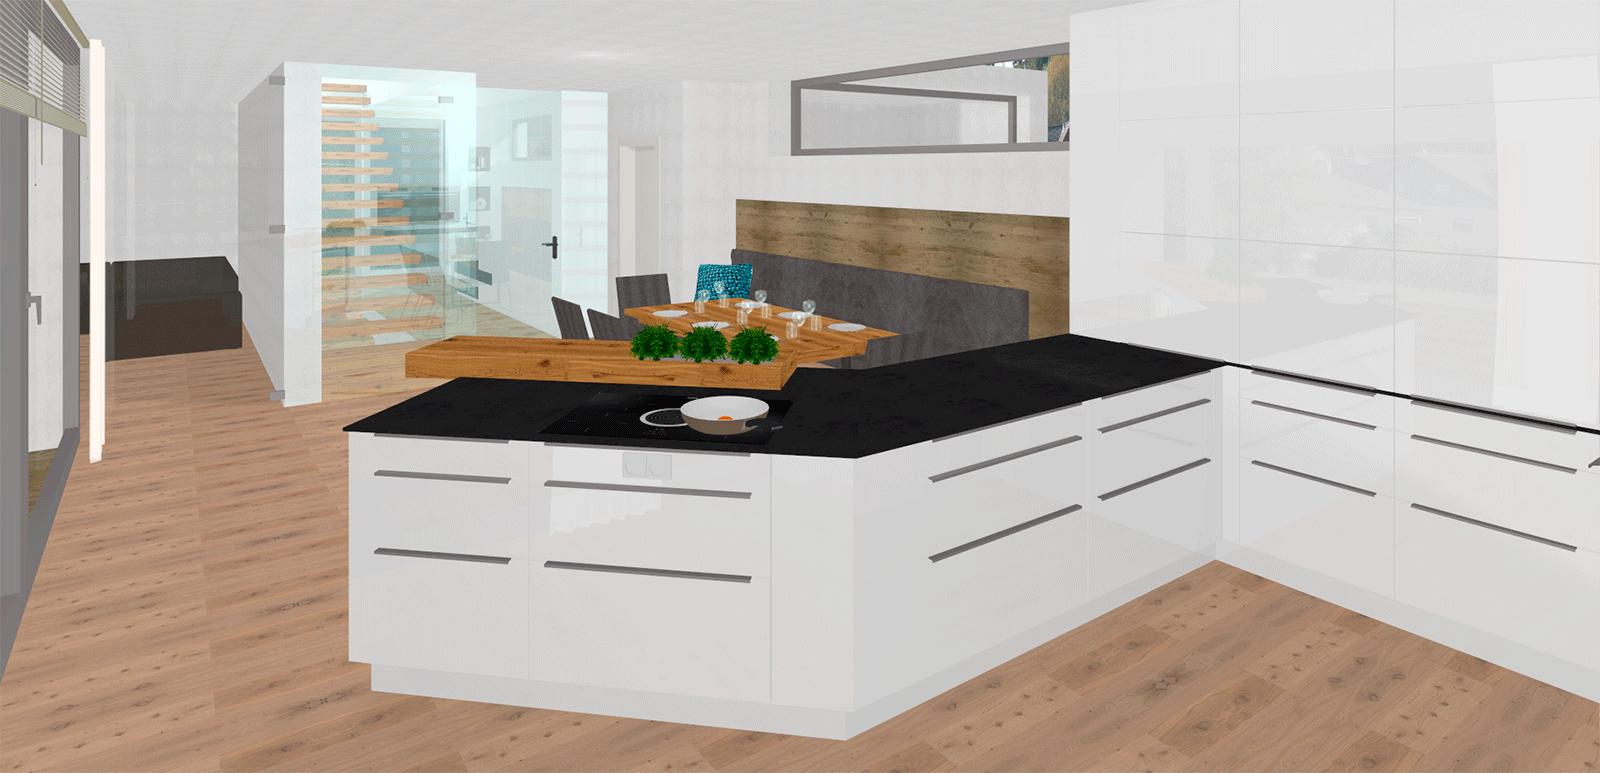 architektonische k che in sch nau im m hlkreis tischlerei kastner. Black Bedroom Furniture Sets. Home Design Ideas